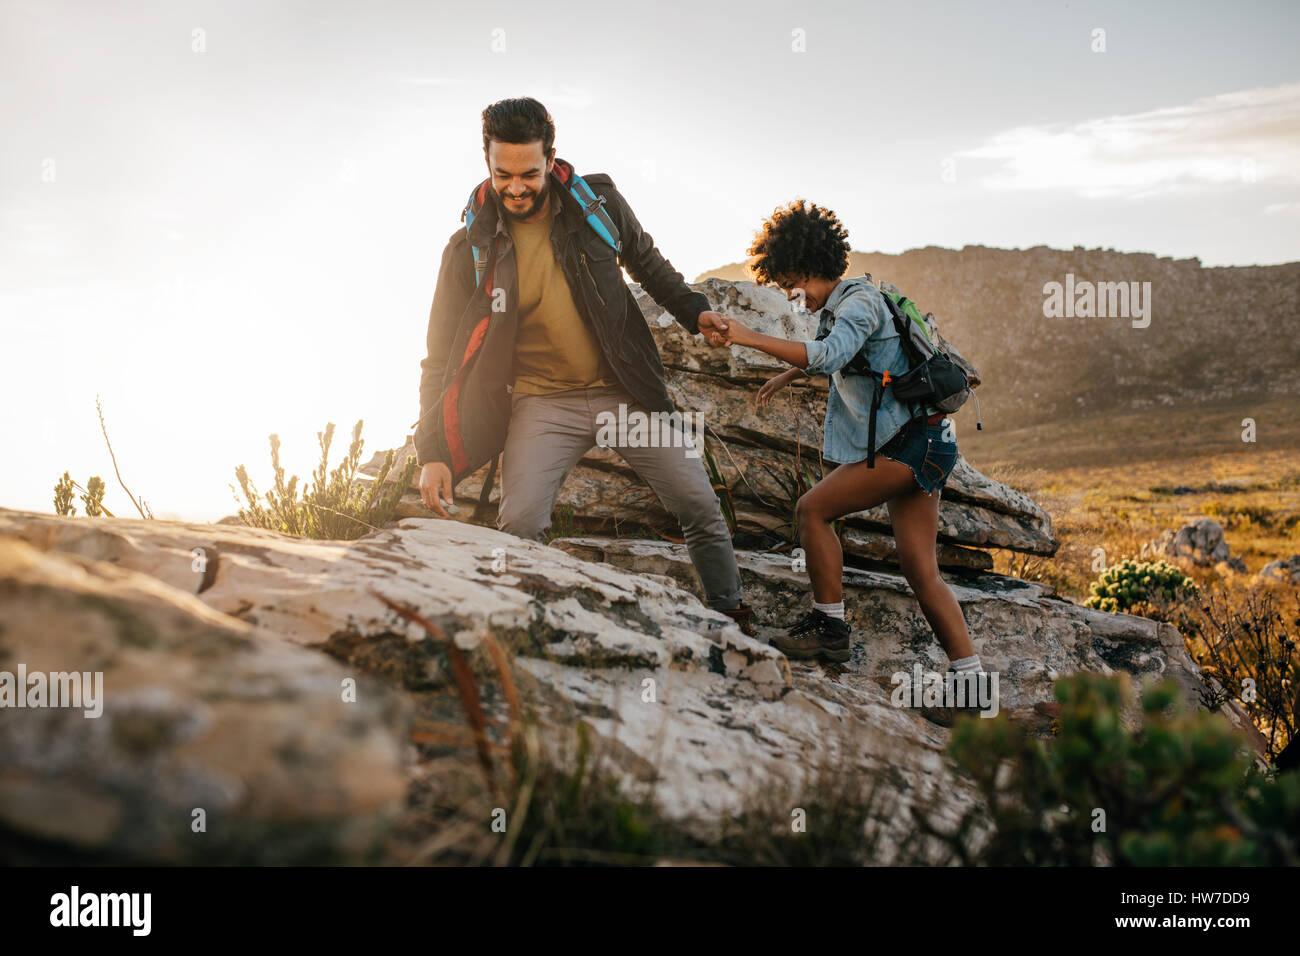 Jeune homme ami aidant à monter la roche. Jeune couple en randonnée dans la nature. Photo Stock